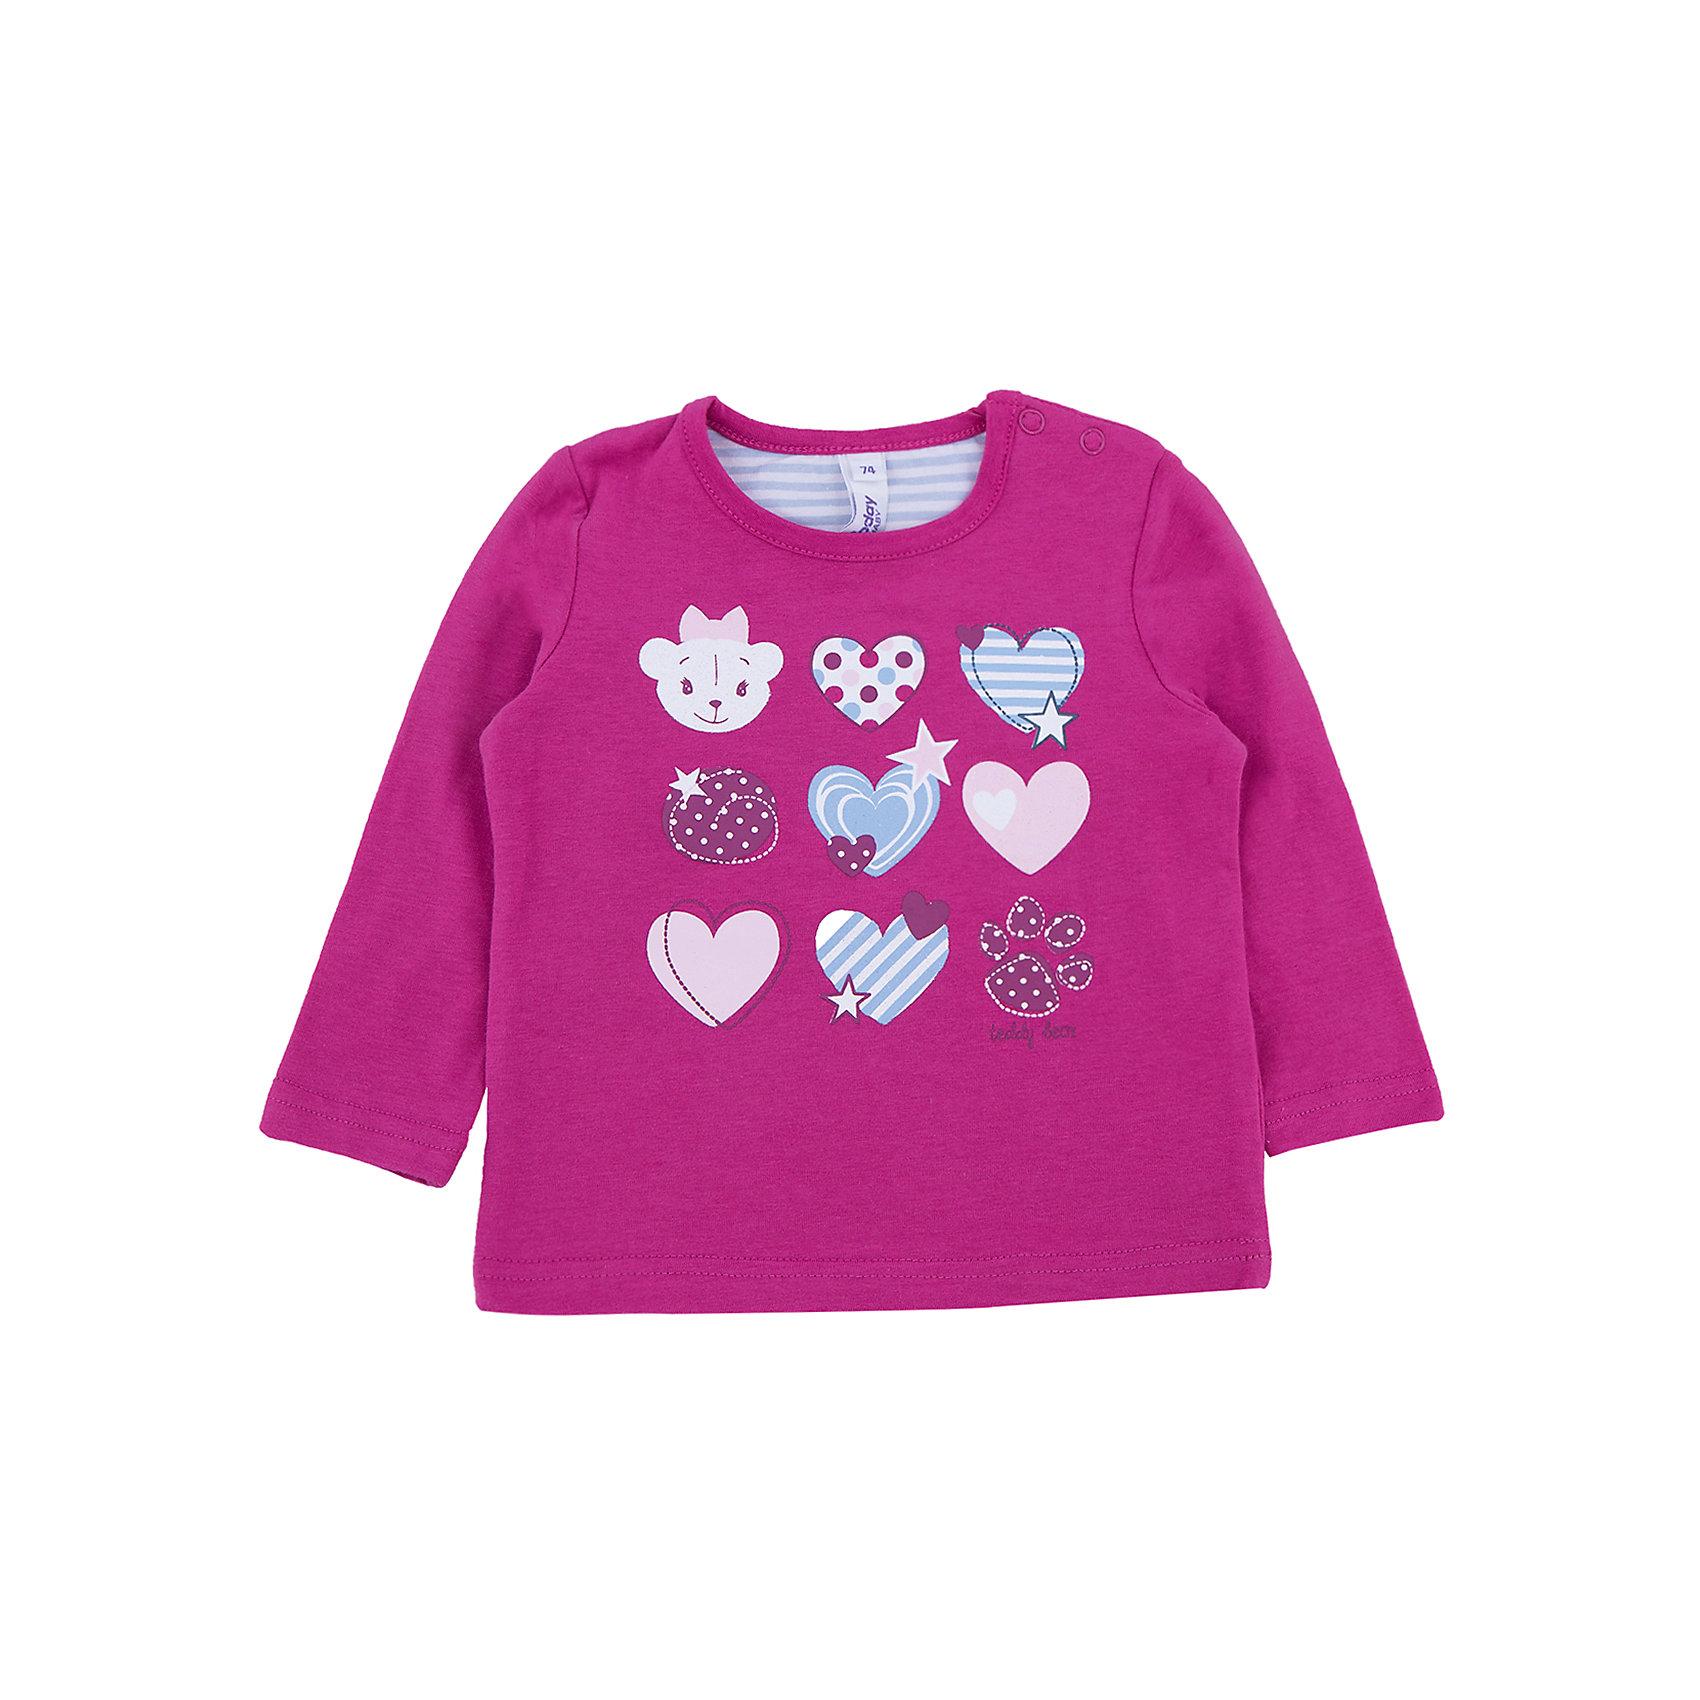 Футболка для девочки PlayTodayФутболка для девочки от известного бренда PlayToday.<br>Уютная хлопковая футболка с длинными рукавами. Украшена нежным принтом с сердечками. Застегивается на кнопки на плече, чтобы ее удобно было снимать.<br>Состав:<br>95% хлопок, 5% эластан<br><br>Ширина мм: 157<br>Глубина мм: 13<br>Высота мм: 119<br>Вес г: 200<br>Цвет: малиновый<br>Возраст от месяцев: 12<br>Возраст до месяцев: 18<br>Пол: Женский<br>Возраст: Детский<br>Размер: 86,74,92,80<br>SKU: 4900791